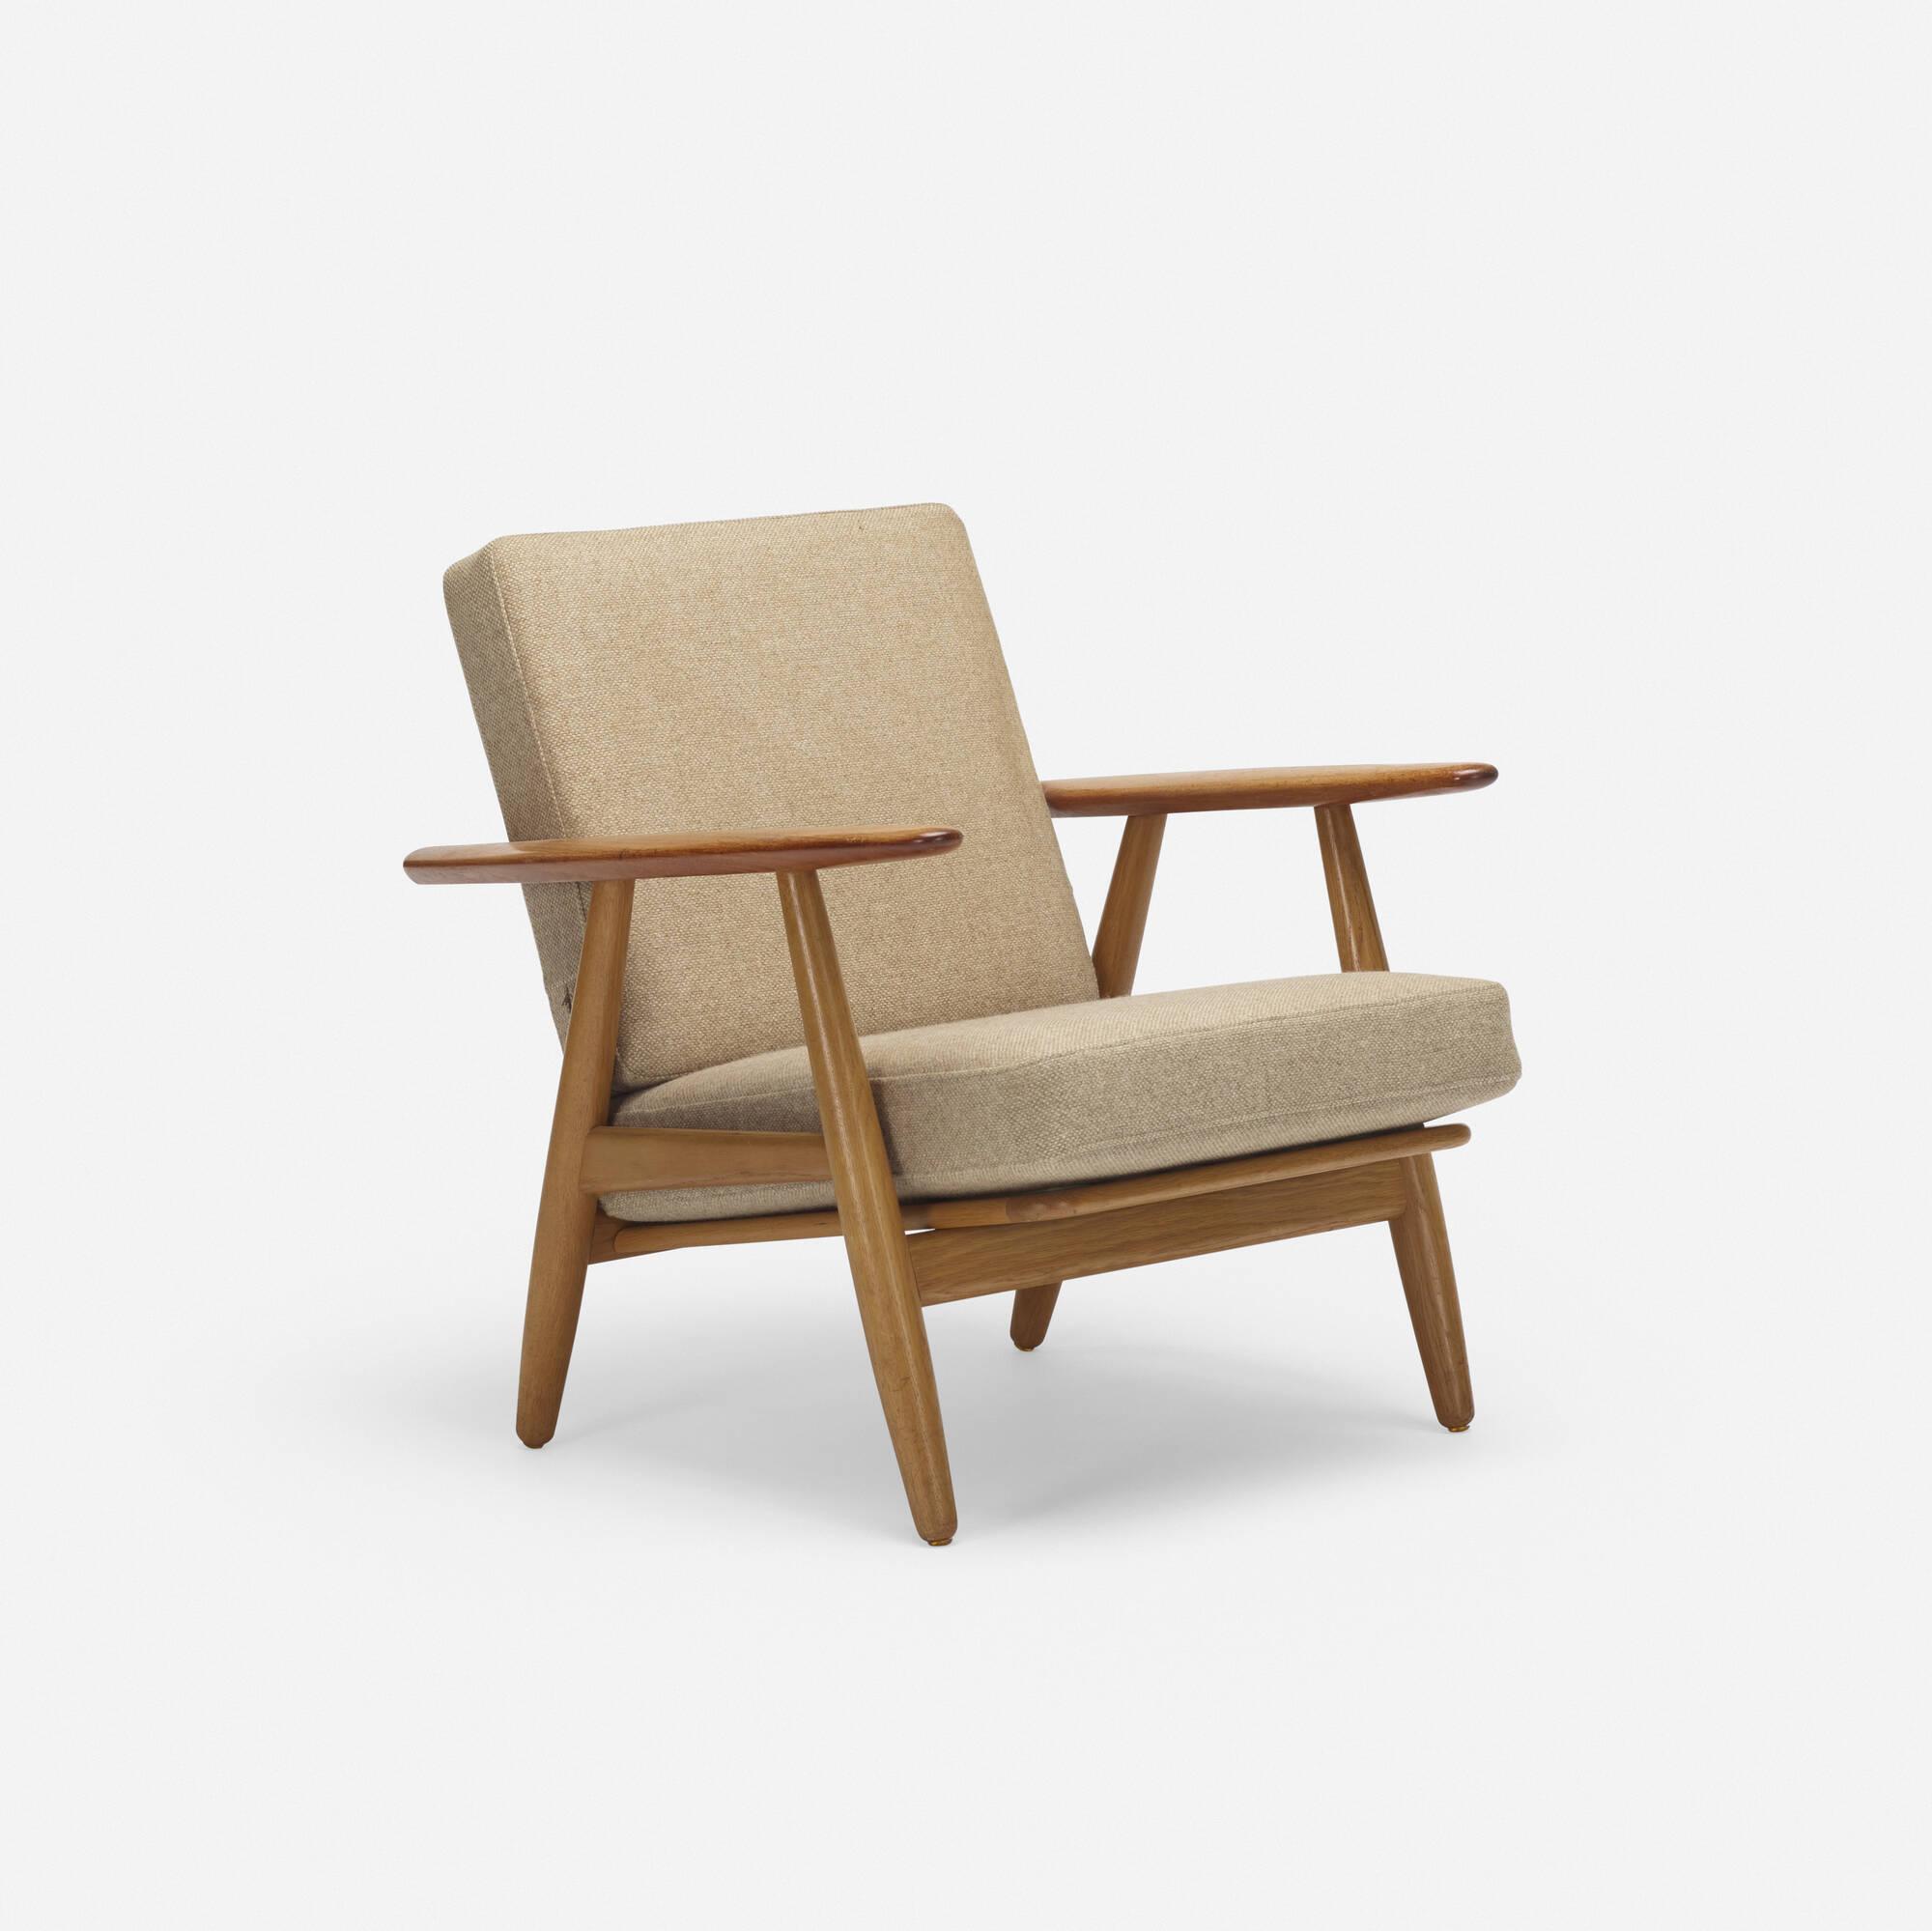 786: Hans J. Wegner / lounge chair, model GE240 (1 of 3)